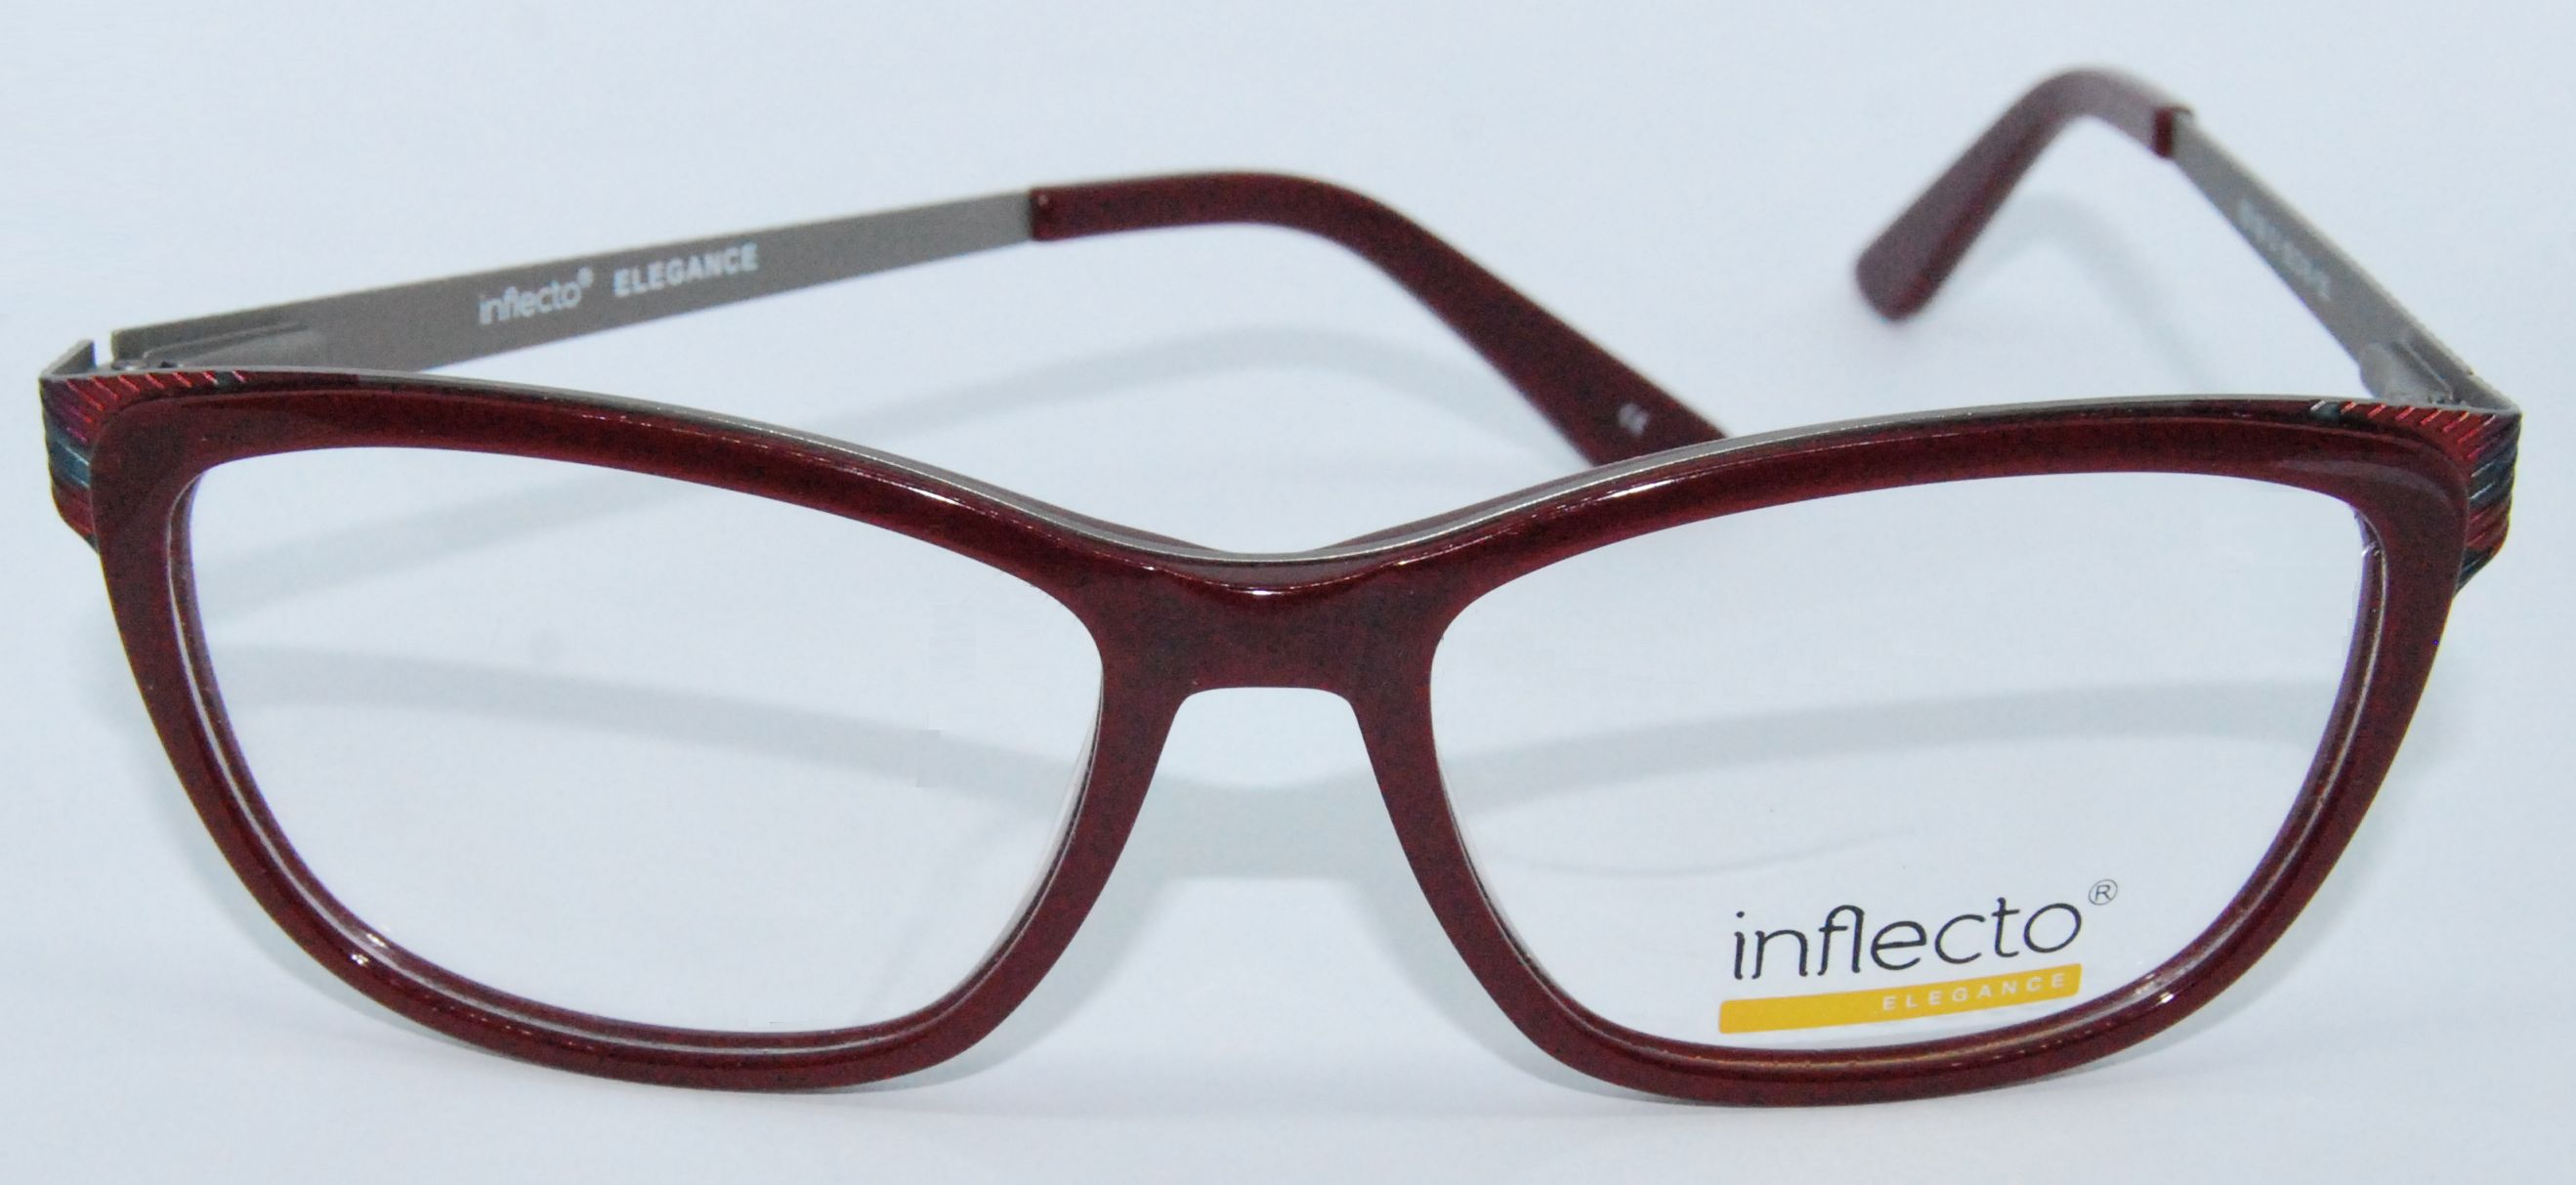 Inflecto Elegance IEE106 C1 kékfény szűrő lencsével